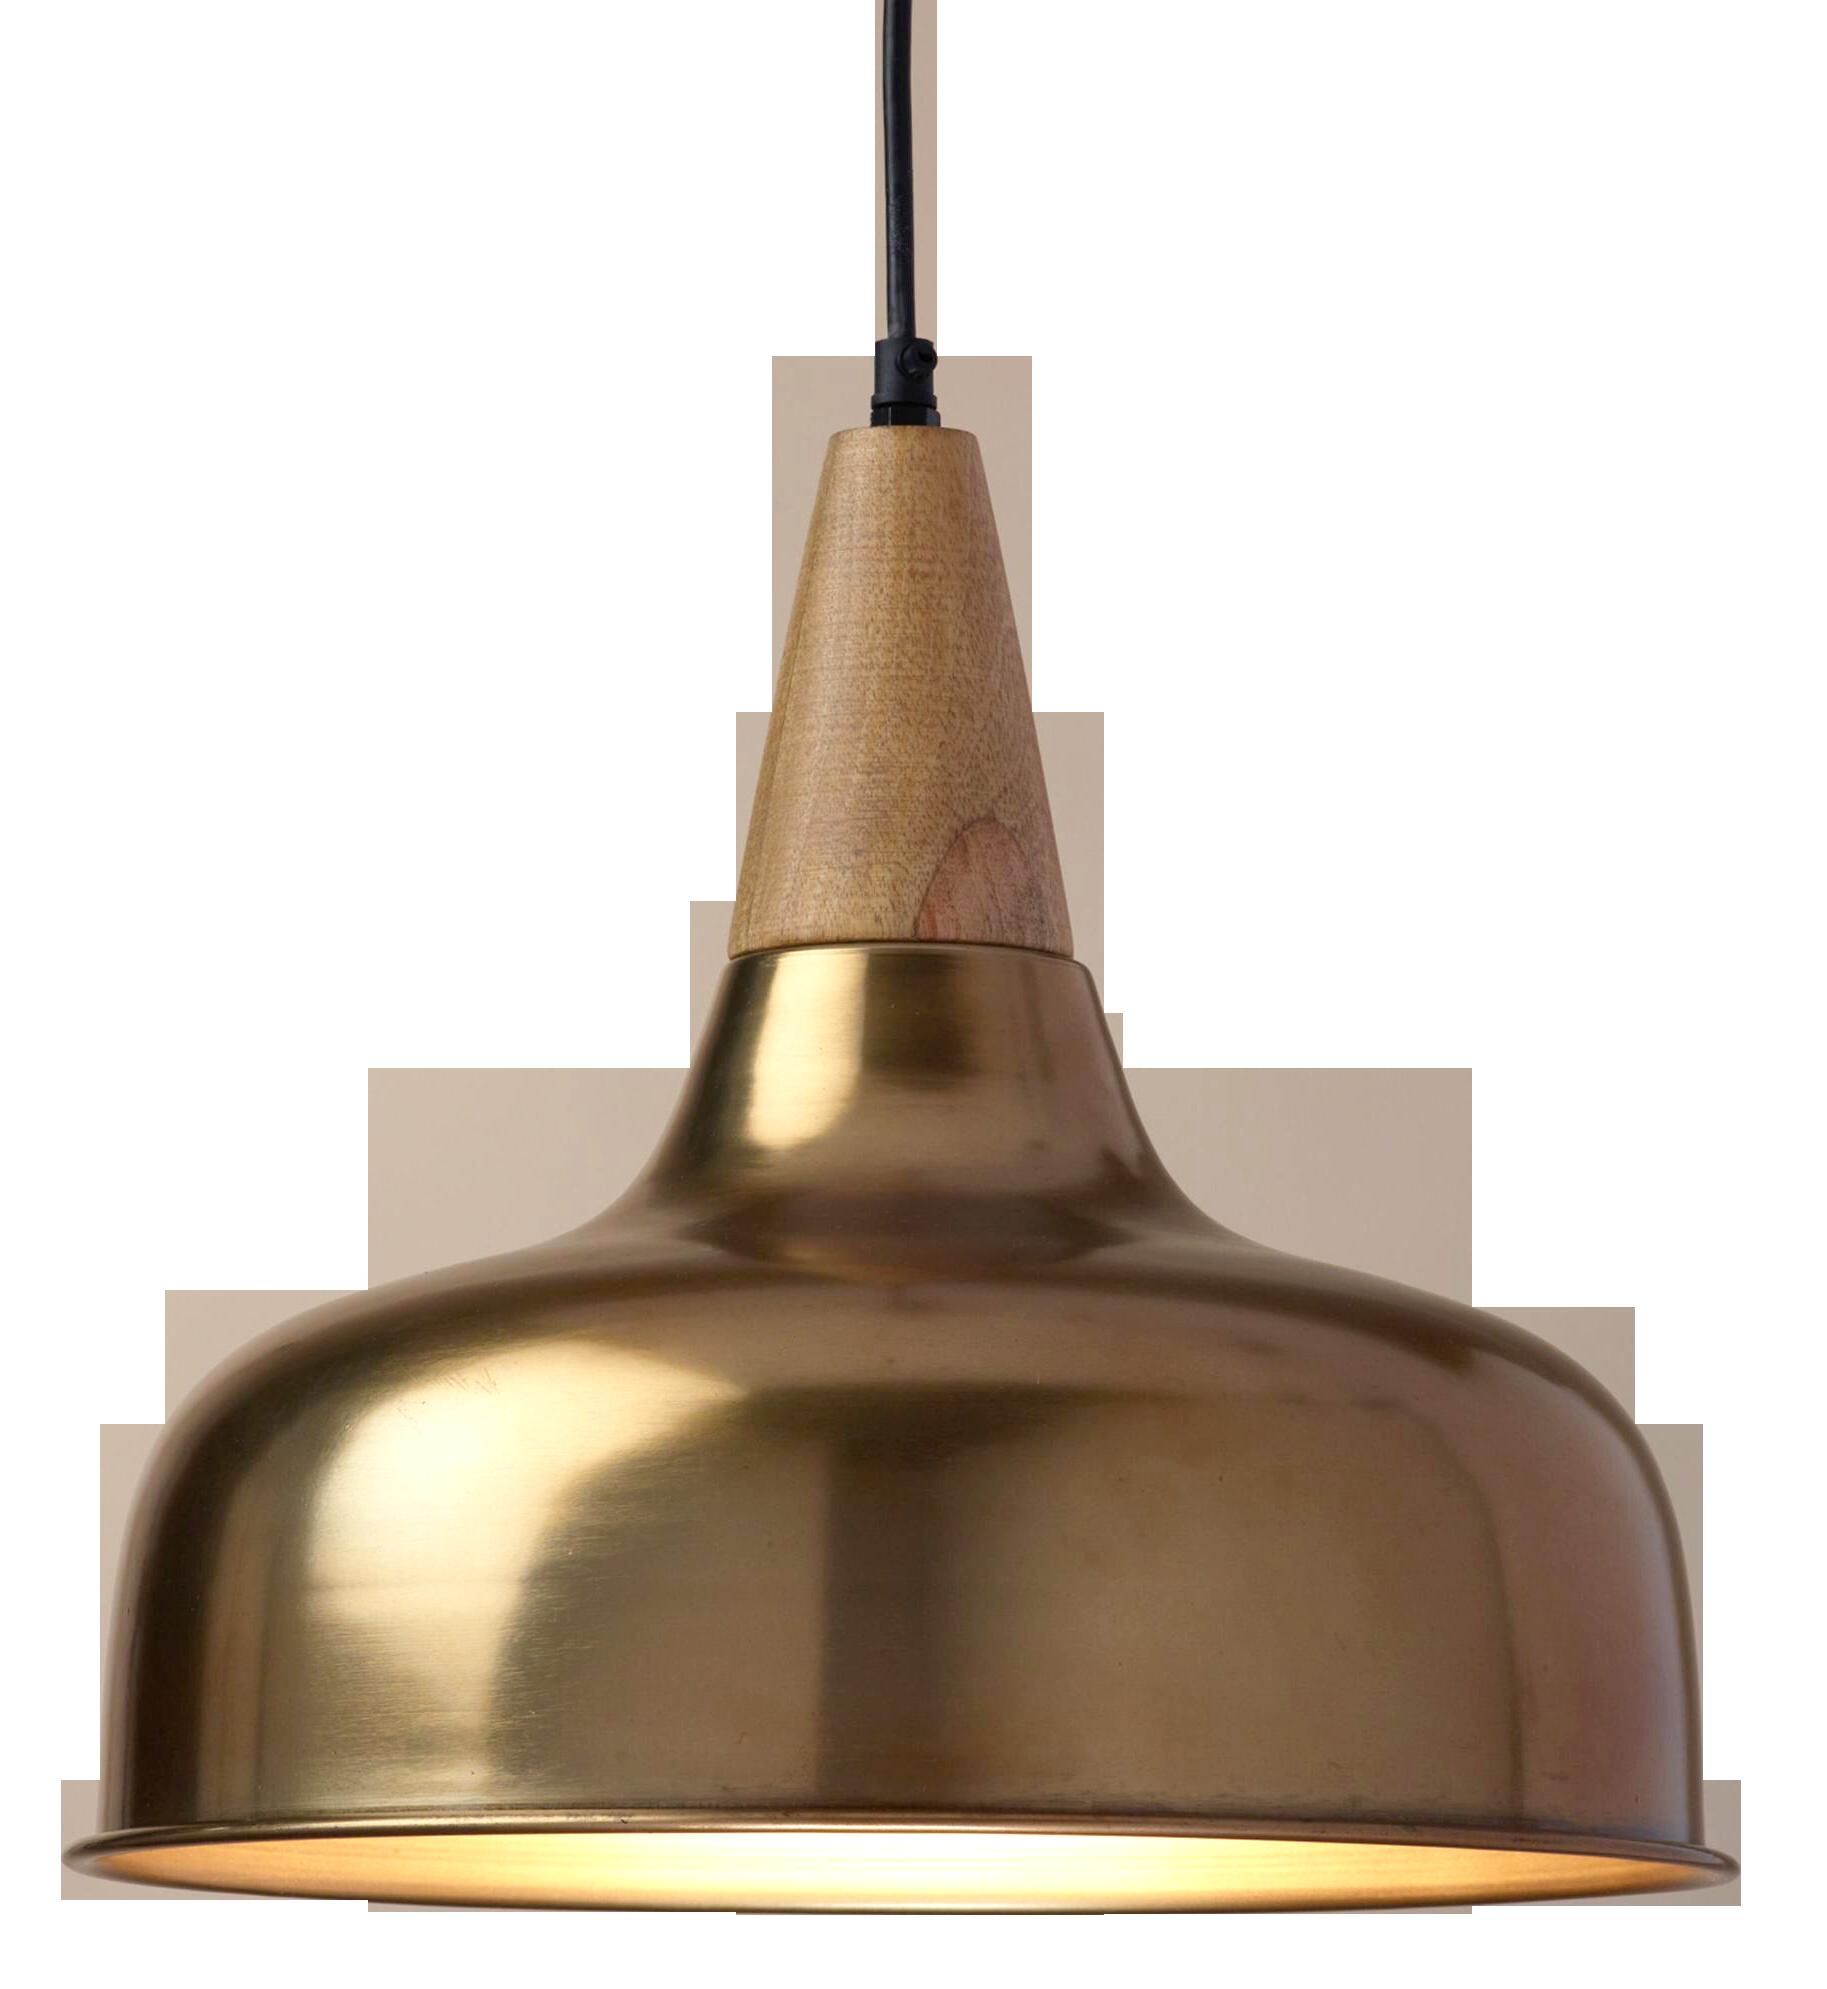 Hanging Lamp PNG Image.